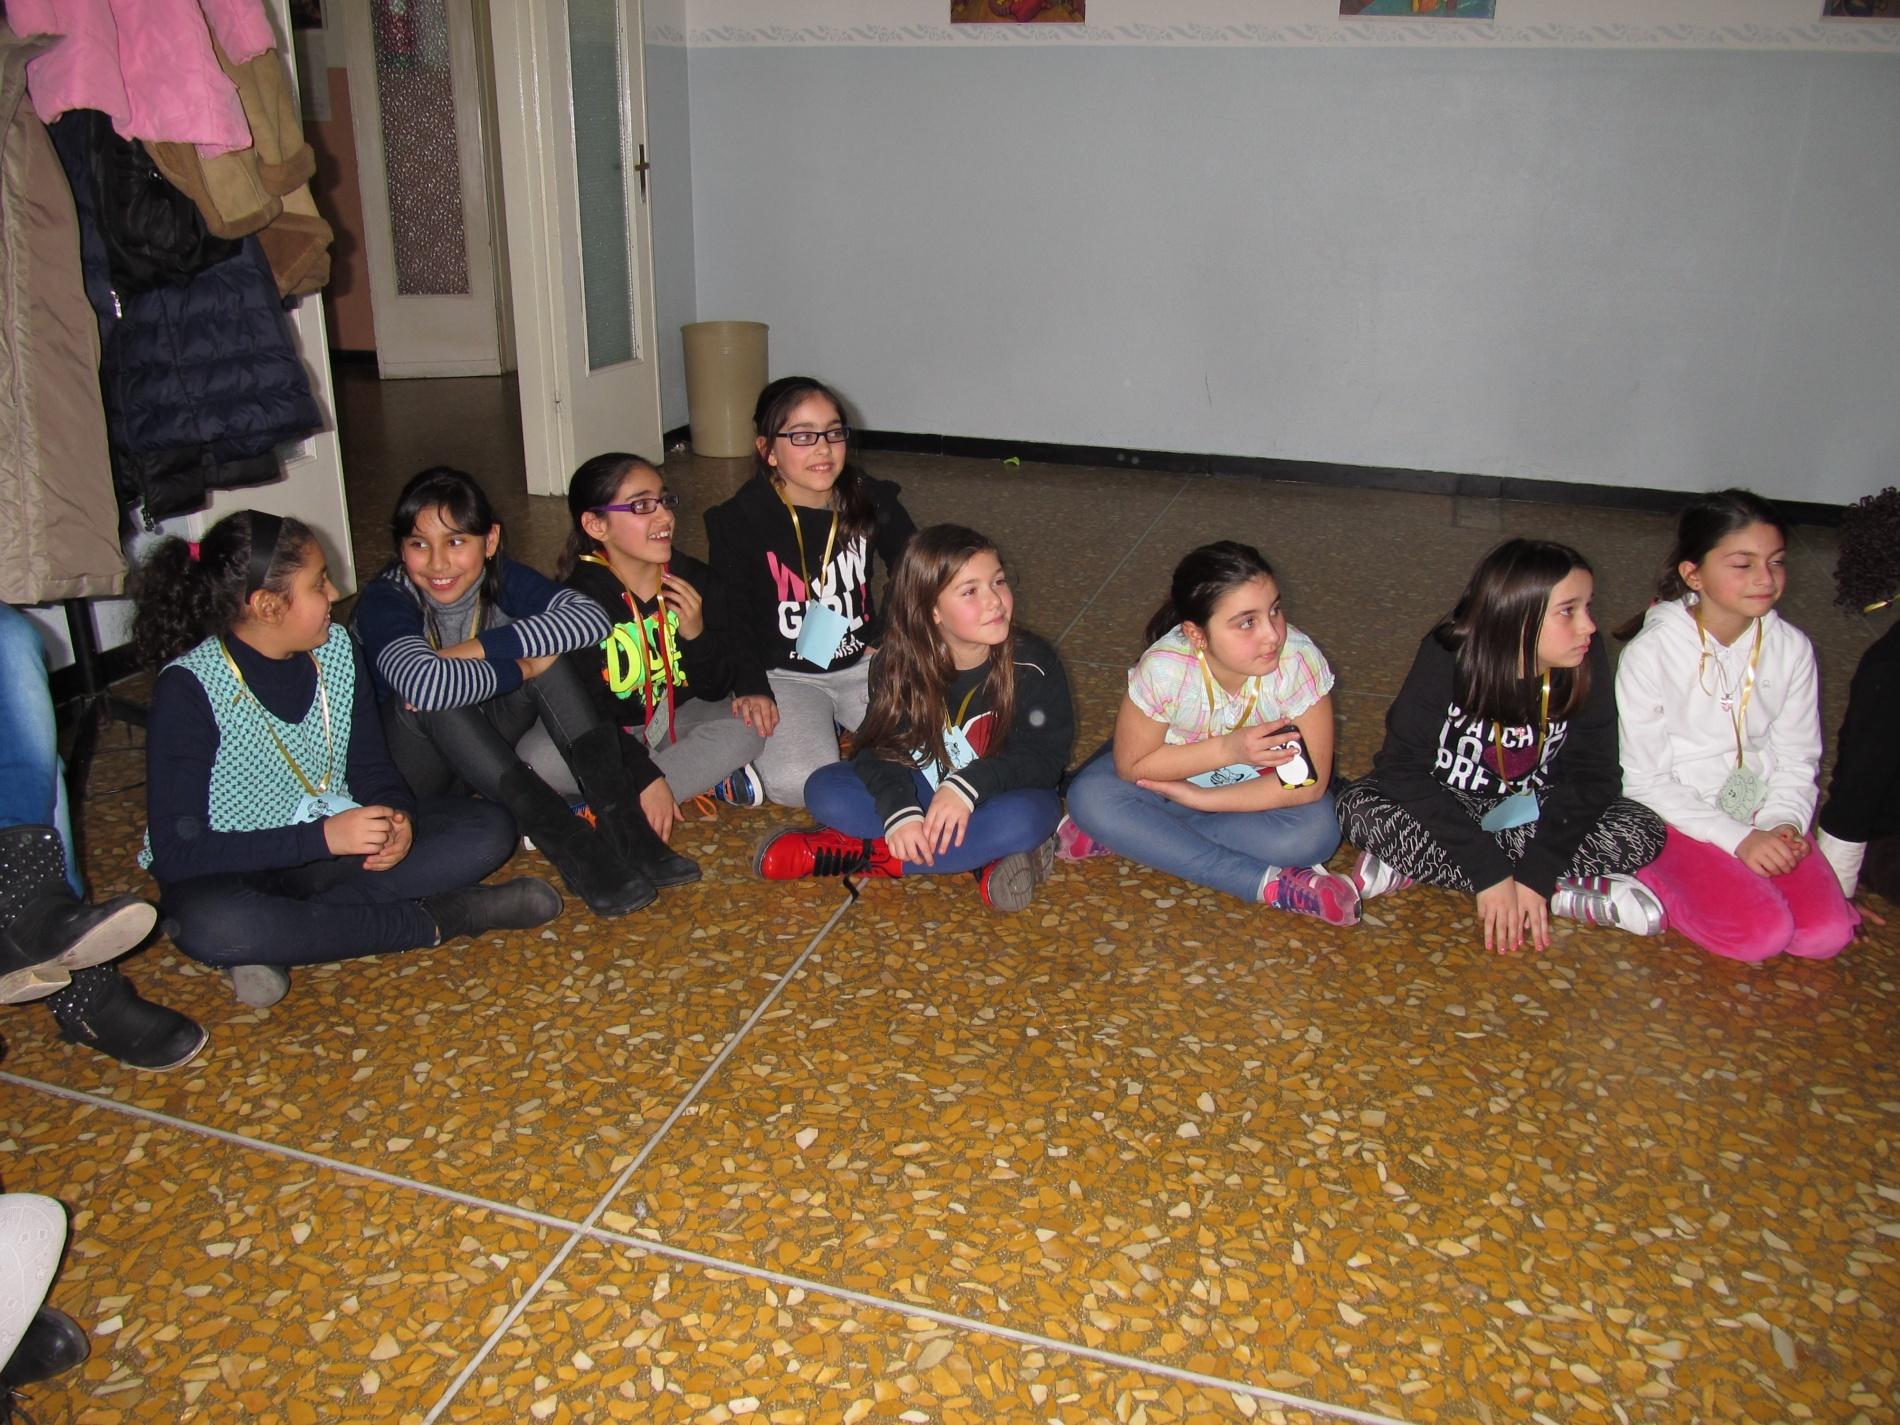 cena-famiglie-comunione-2015-02-07-21-41-14